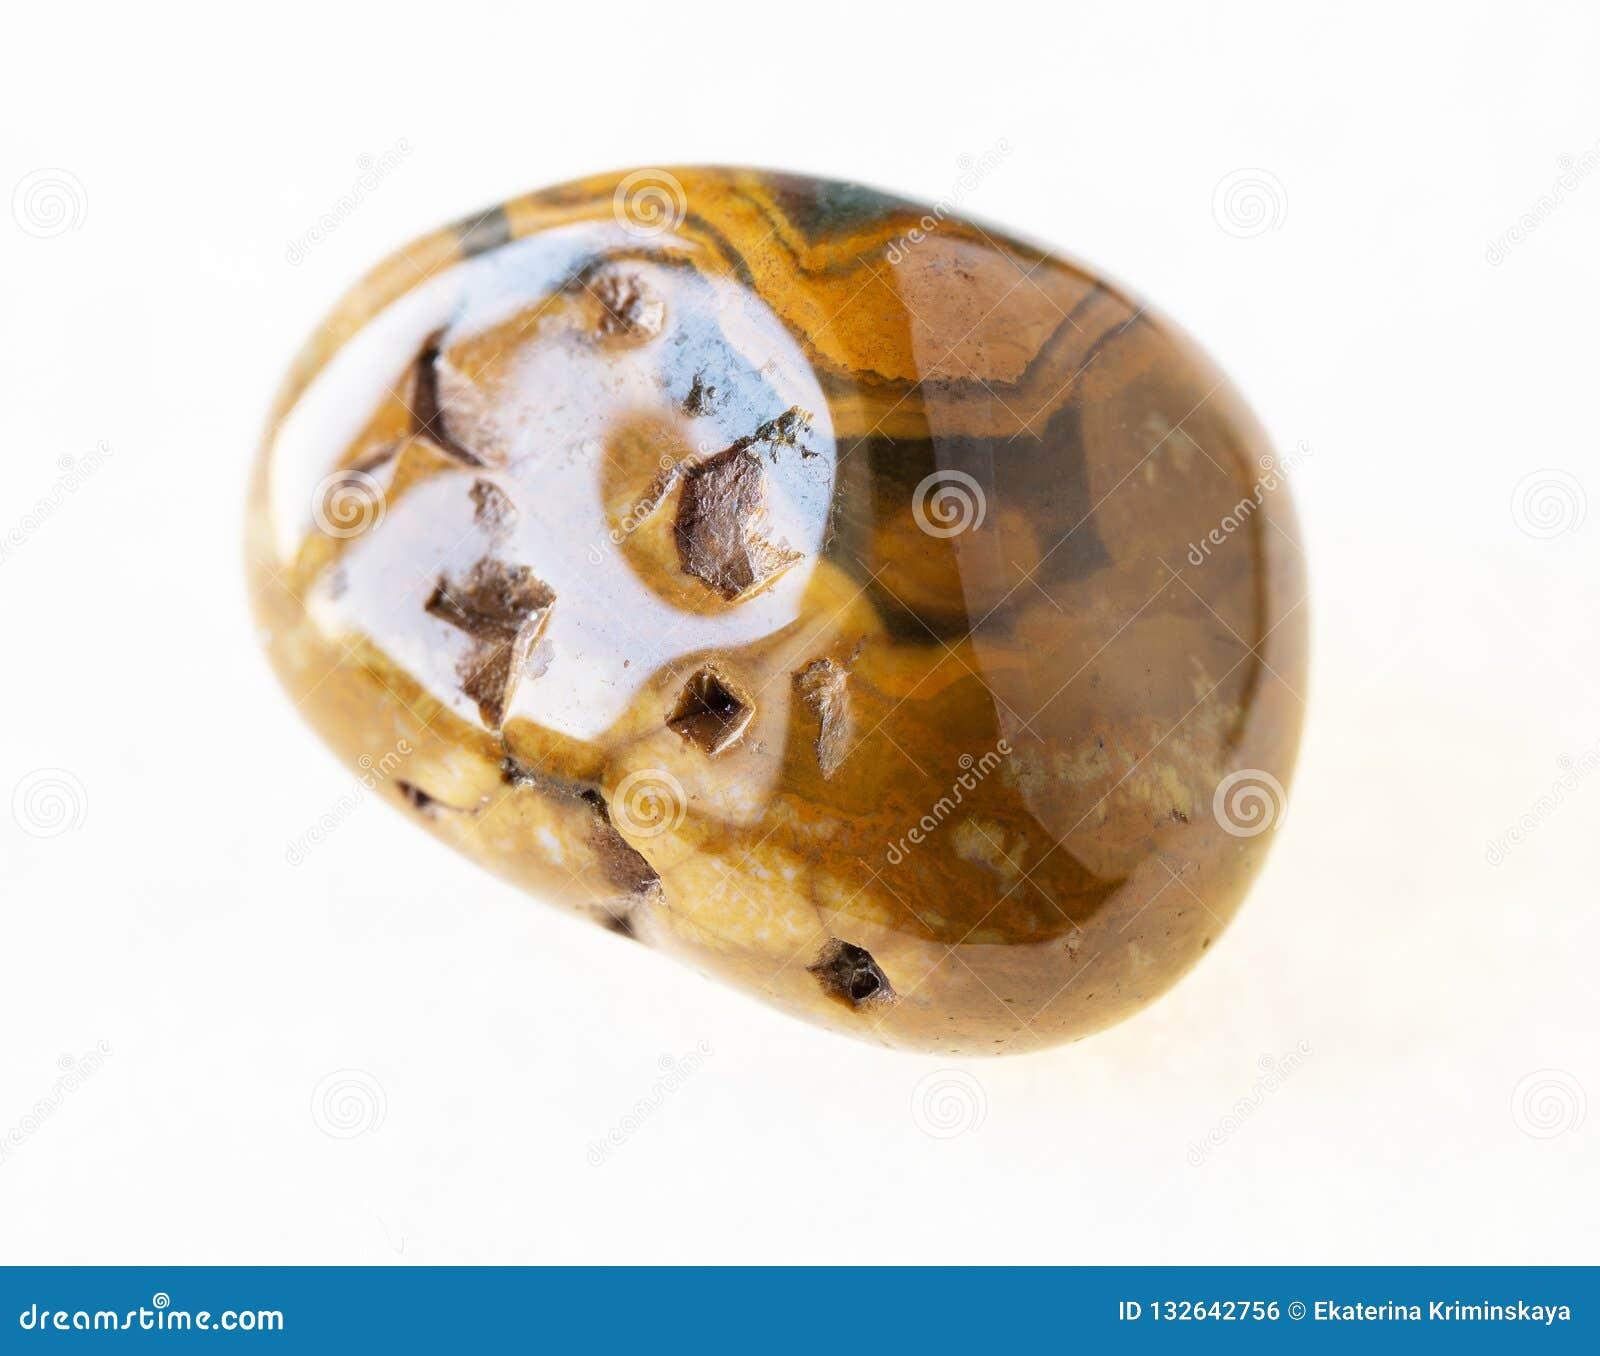 πεφμένη πέτρα ιασπίδων δερμάτων λεοπαρδάλεων (πέτρα ιαγουάρων)